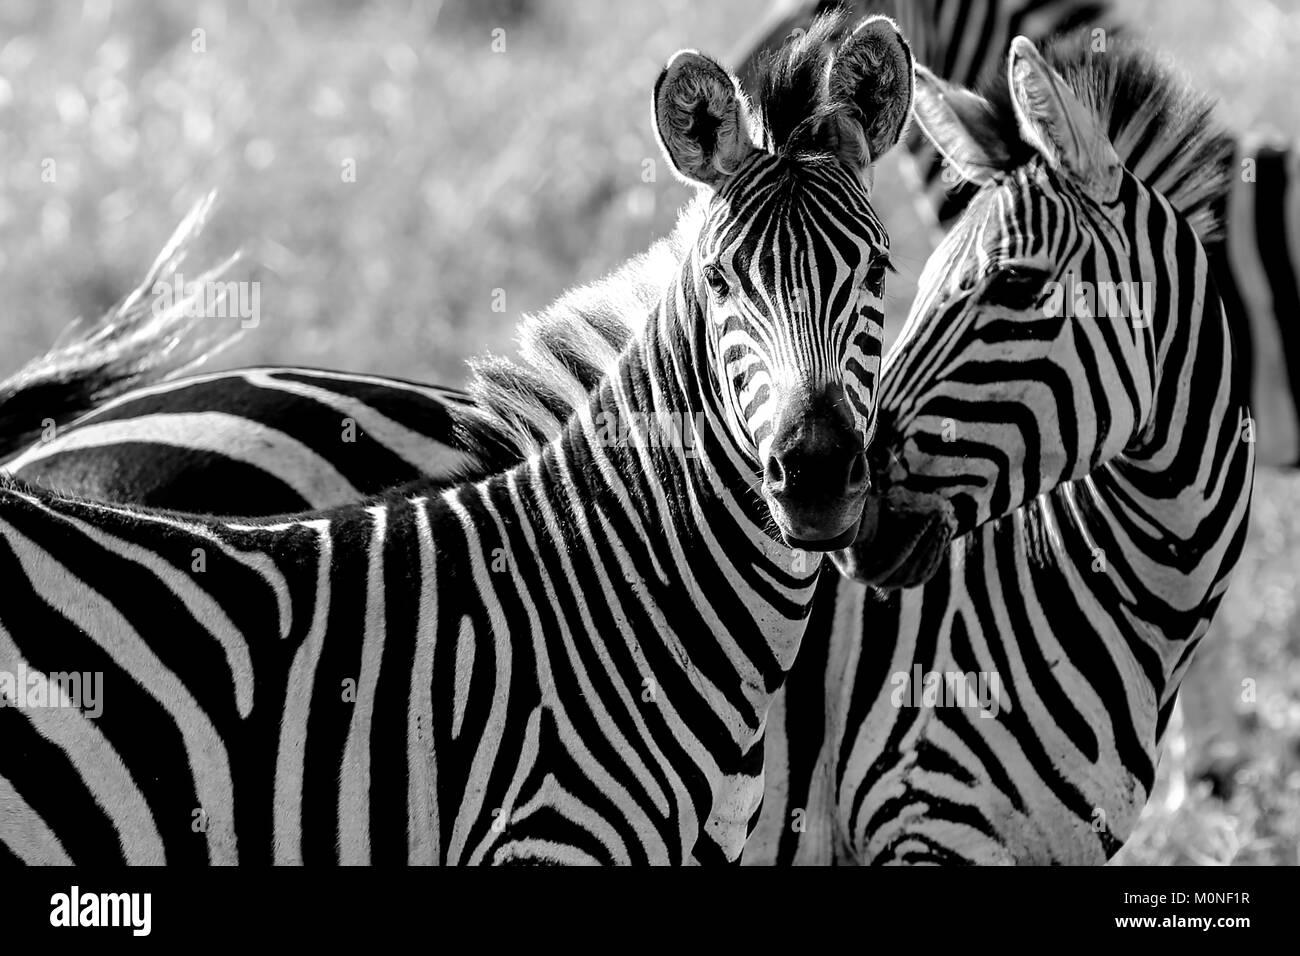 Dos Zebra tocando las narices con otros zebra detrás contra de pastizales en blanco y negro de fondo Imagen De Stock